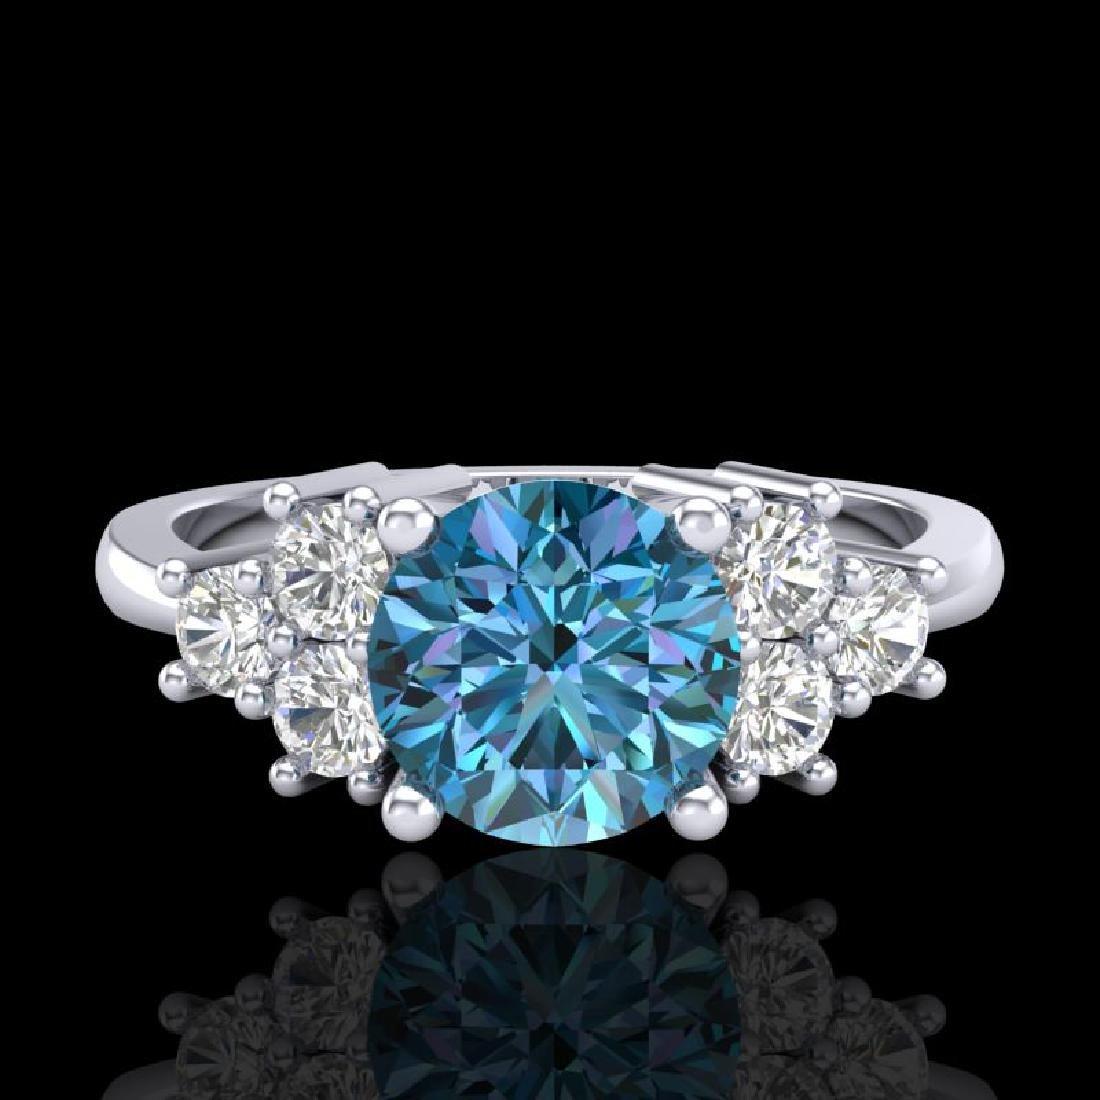 1.5 CTW Intense Blue Diamond Solitaire Engagement - 2